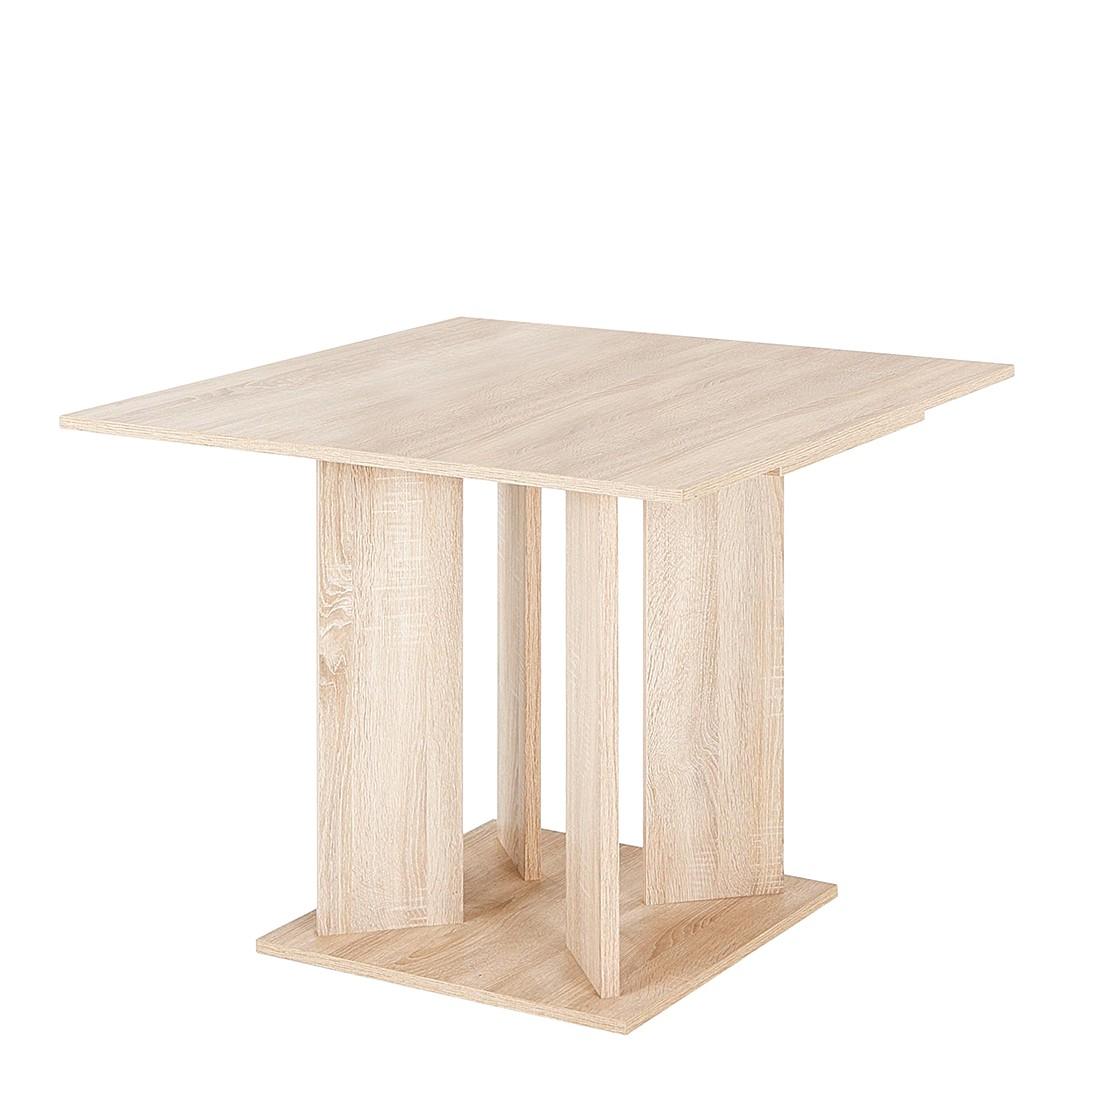 Eettafel Toni (uittrekbaar), Home Design